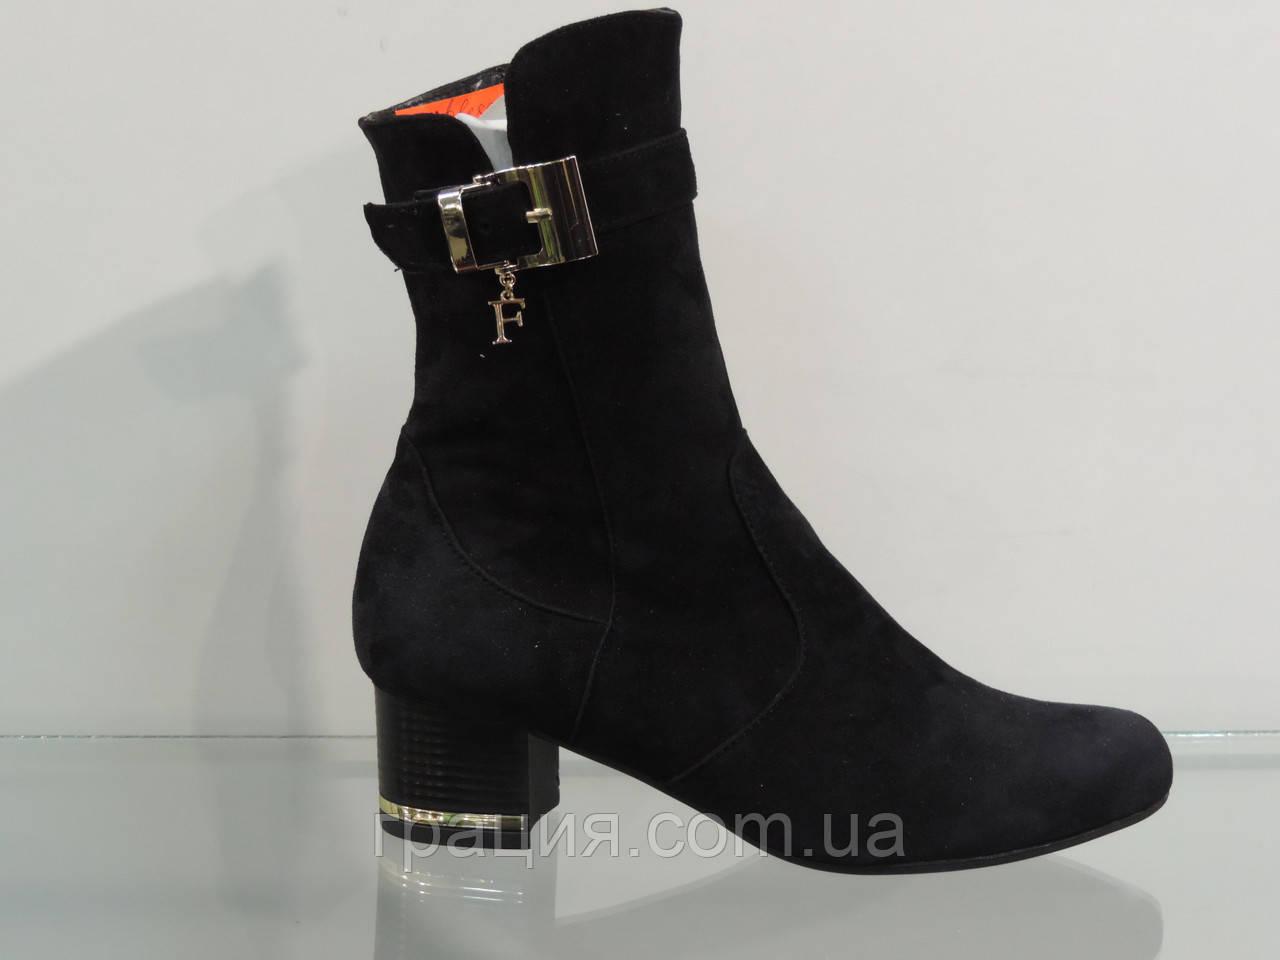 Жіночі демісезонні замшеві черевички